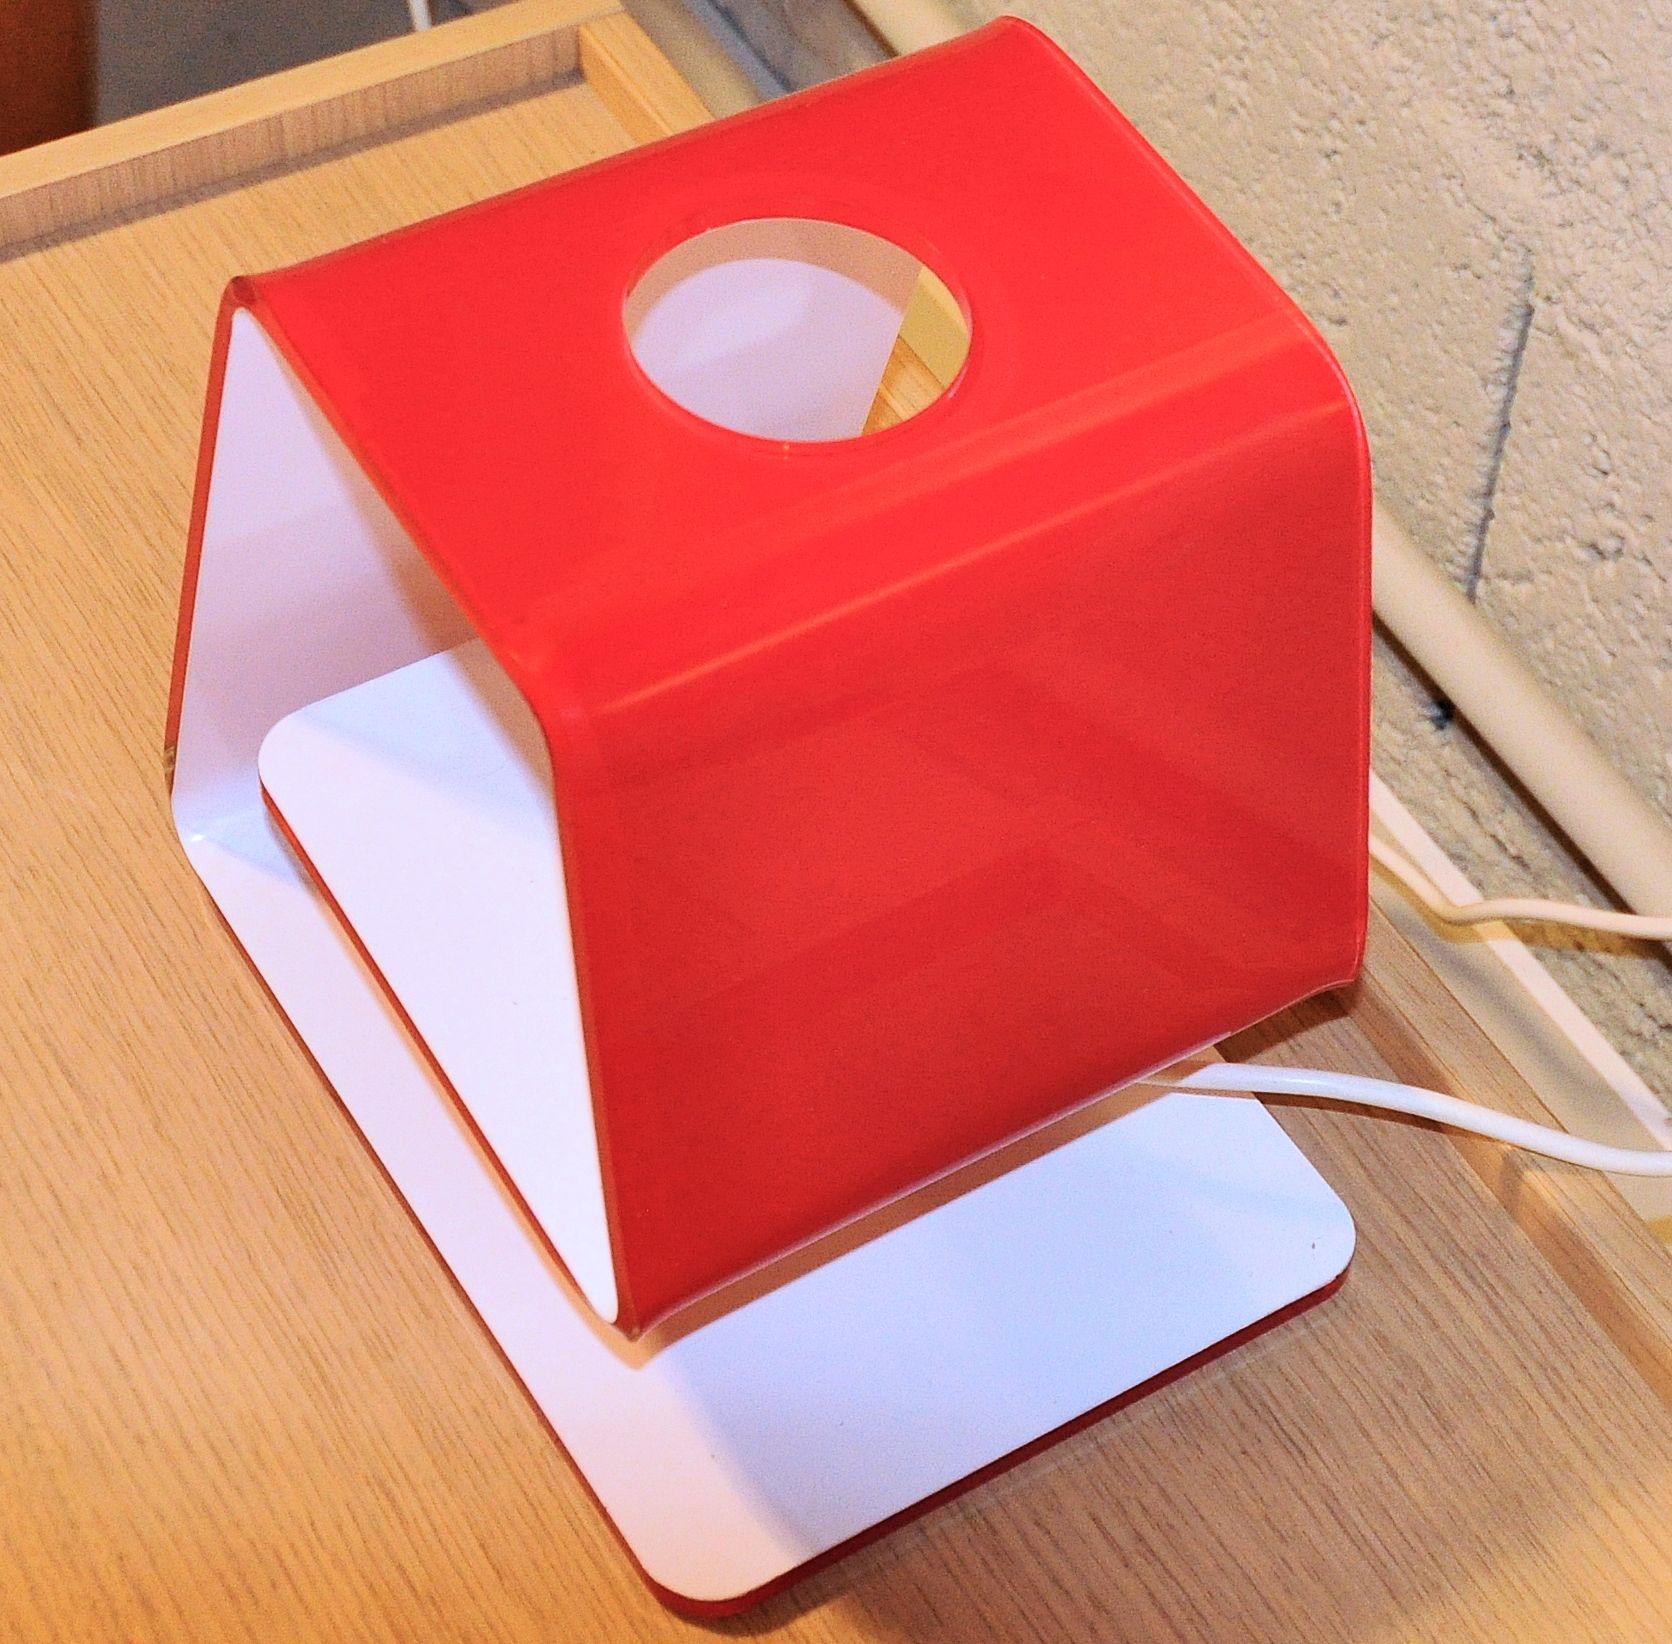 Lampada da tavolo Carina Calligaris - Illuminazione a prezzi scontati